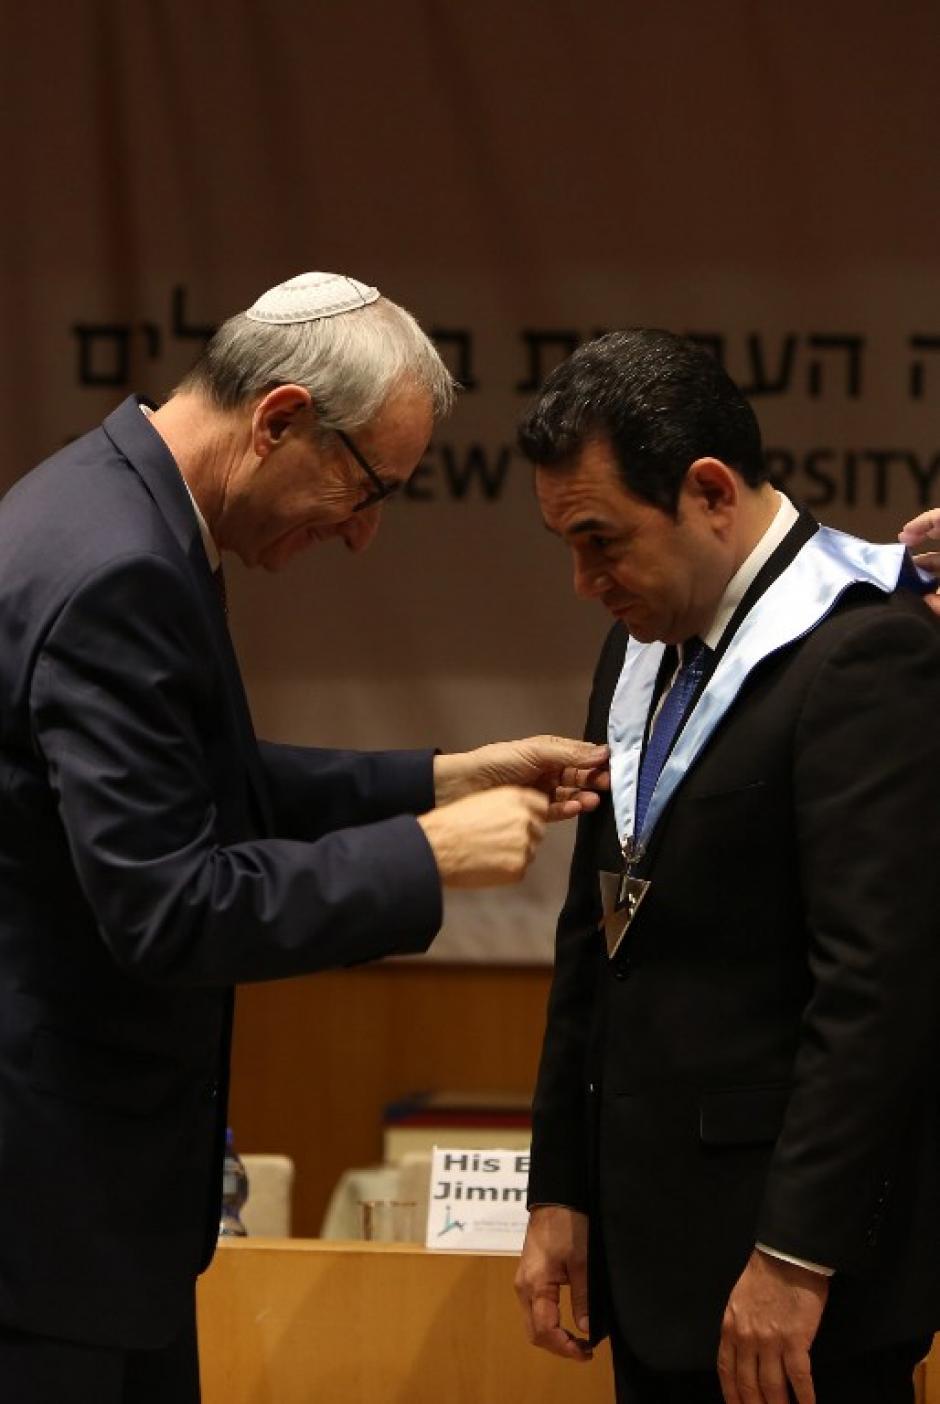 La Universidad Hebrea de Jerusalén le entregó el reconocimiento. (Foto: AFP)